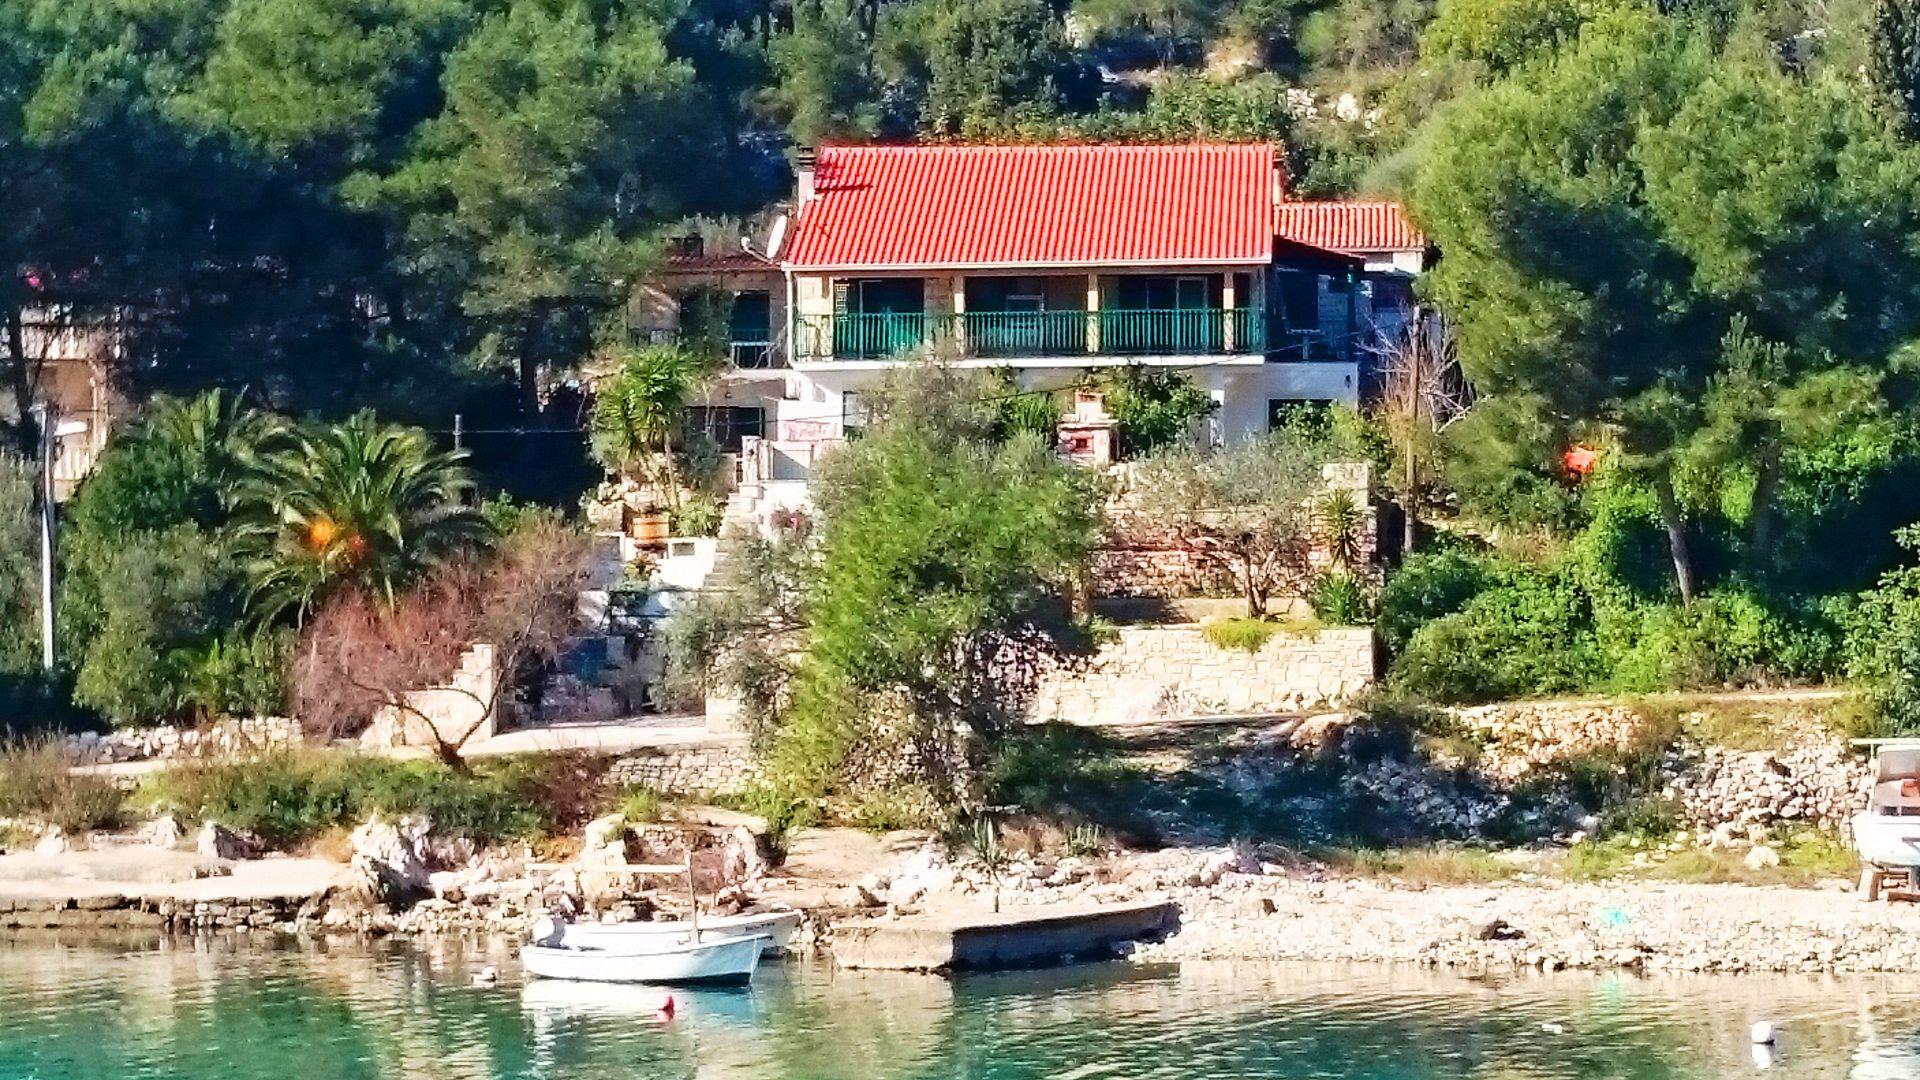 044-04-ROG - Baie Banje (Rogac) - Logement en golfes Croatie